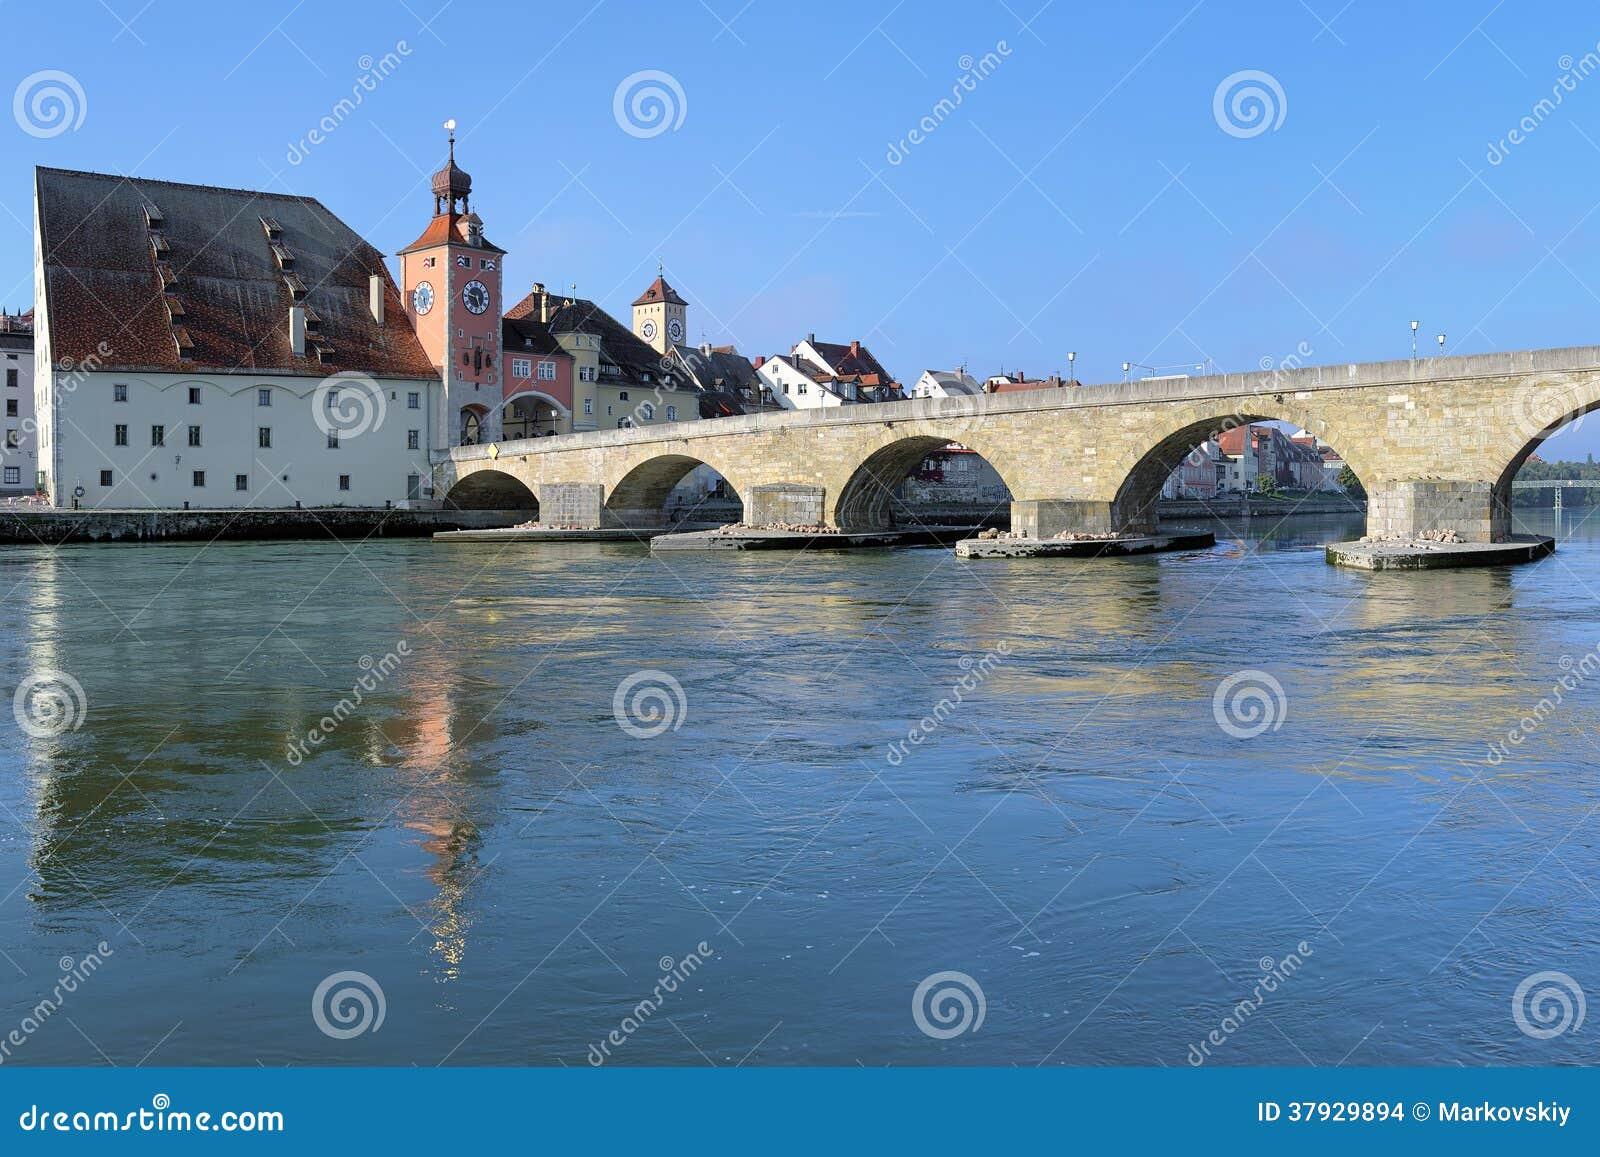 Каменный мост над Дунаем и домом соли в Регенсбурге, Германии